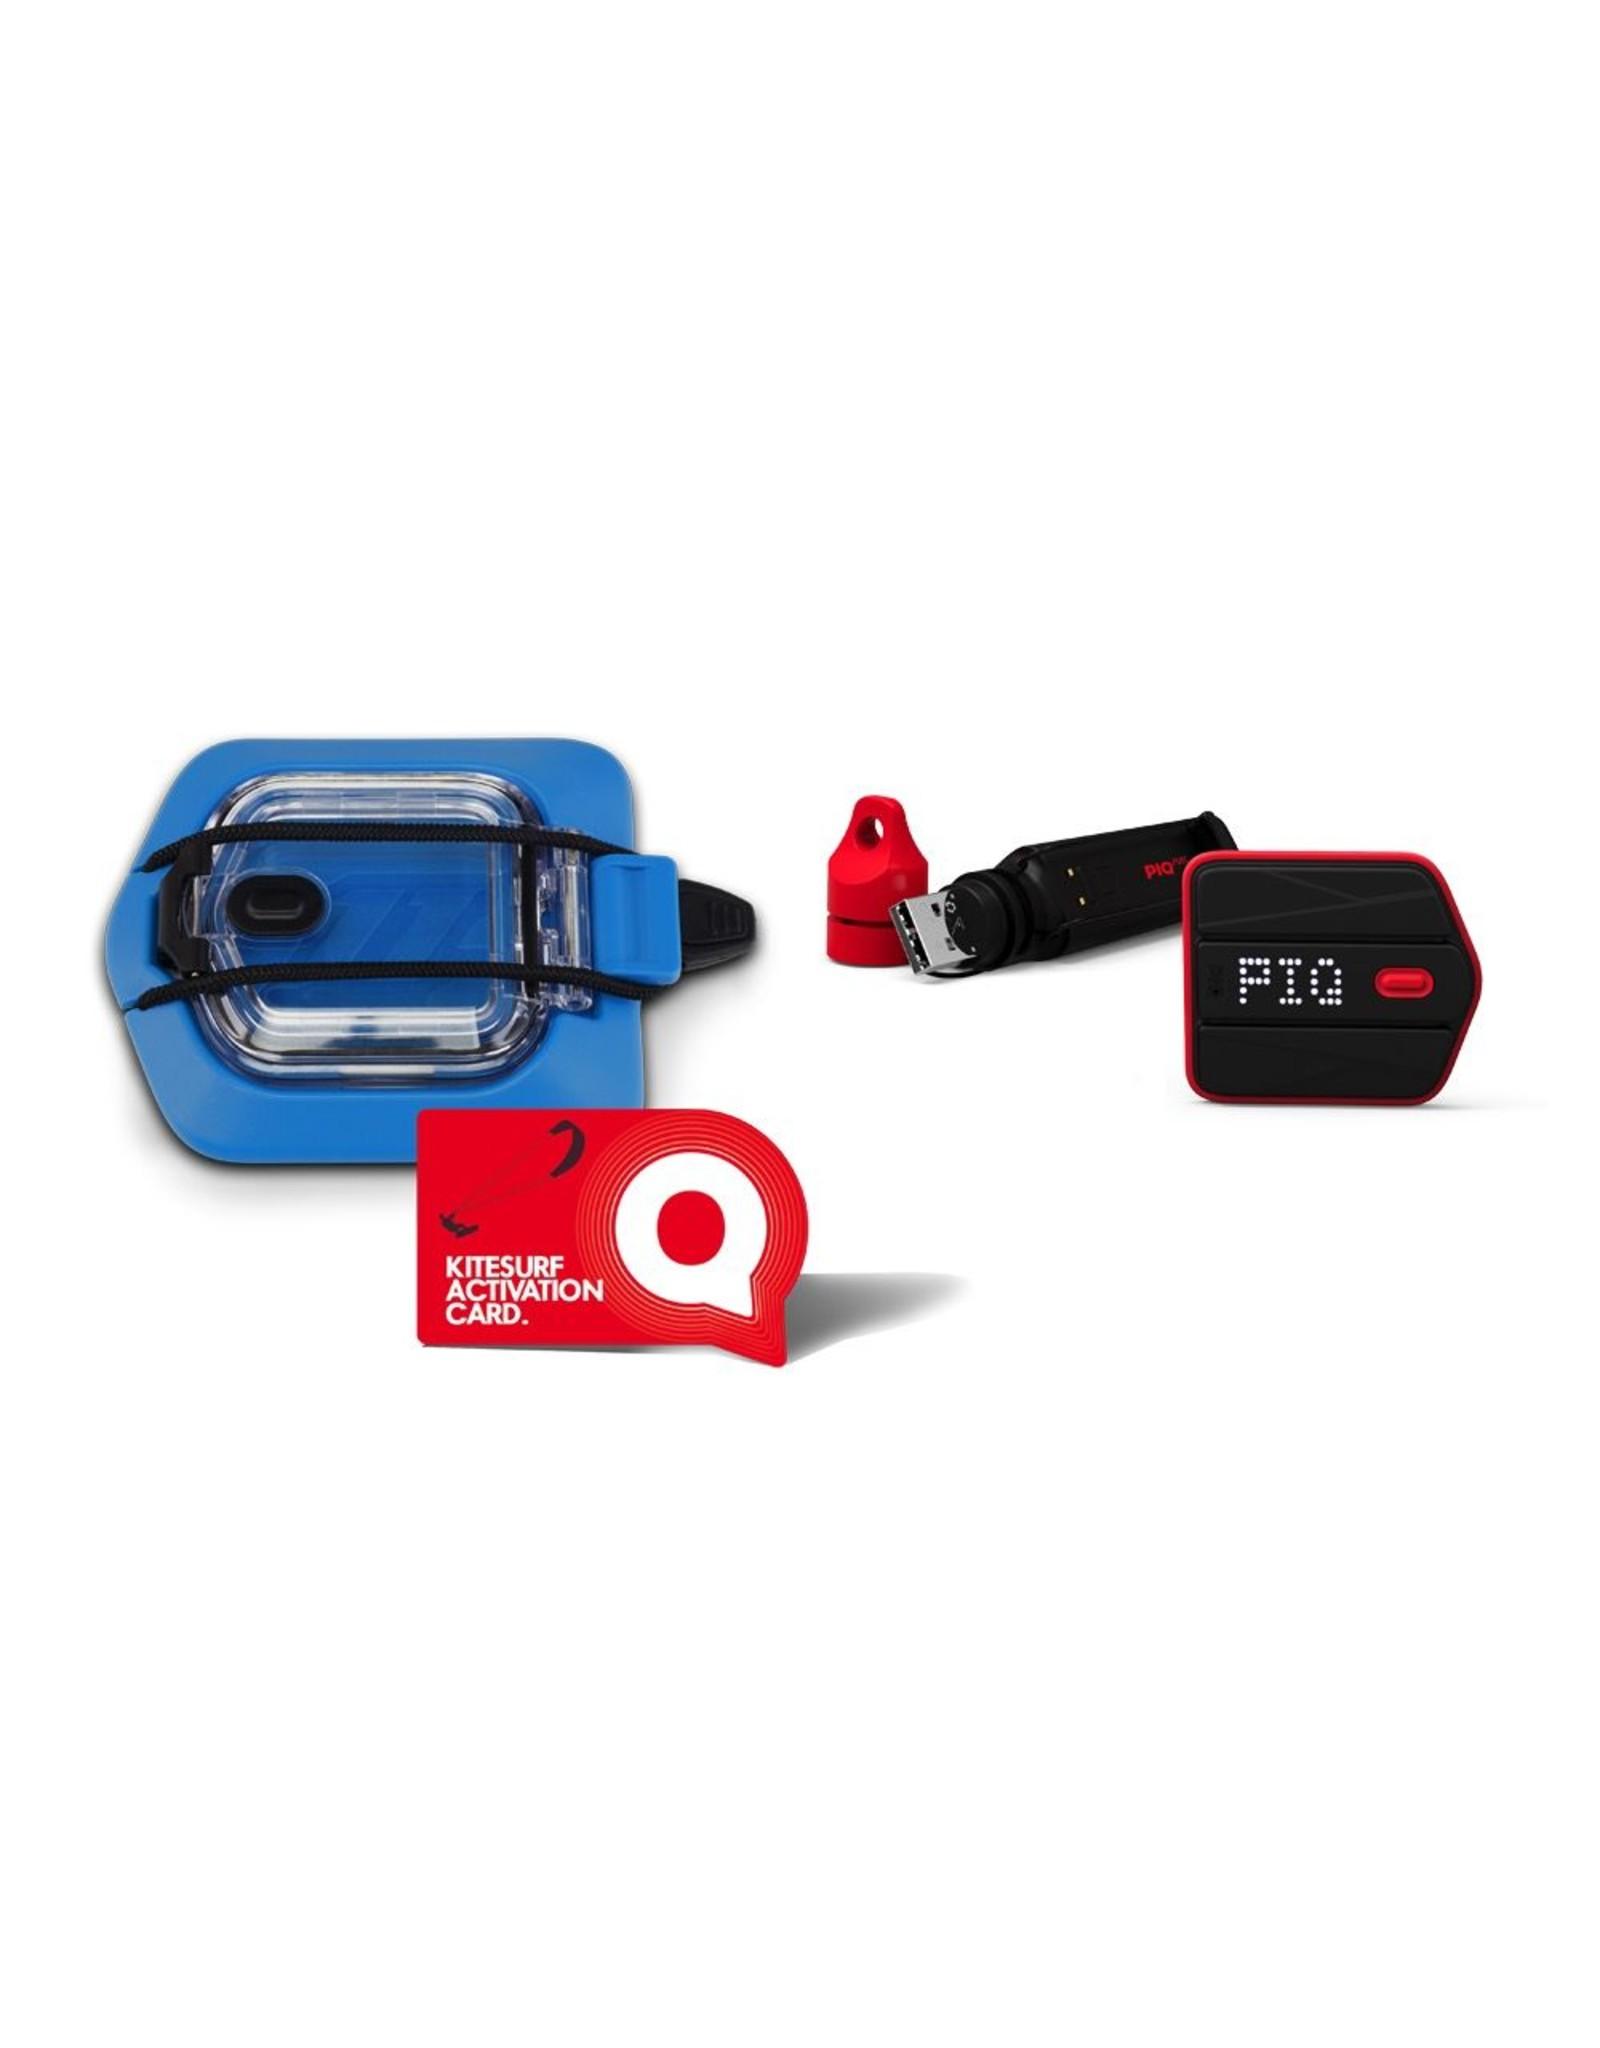 PIQ PIQ Multisports Robot + Kiteboard Accessory